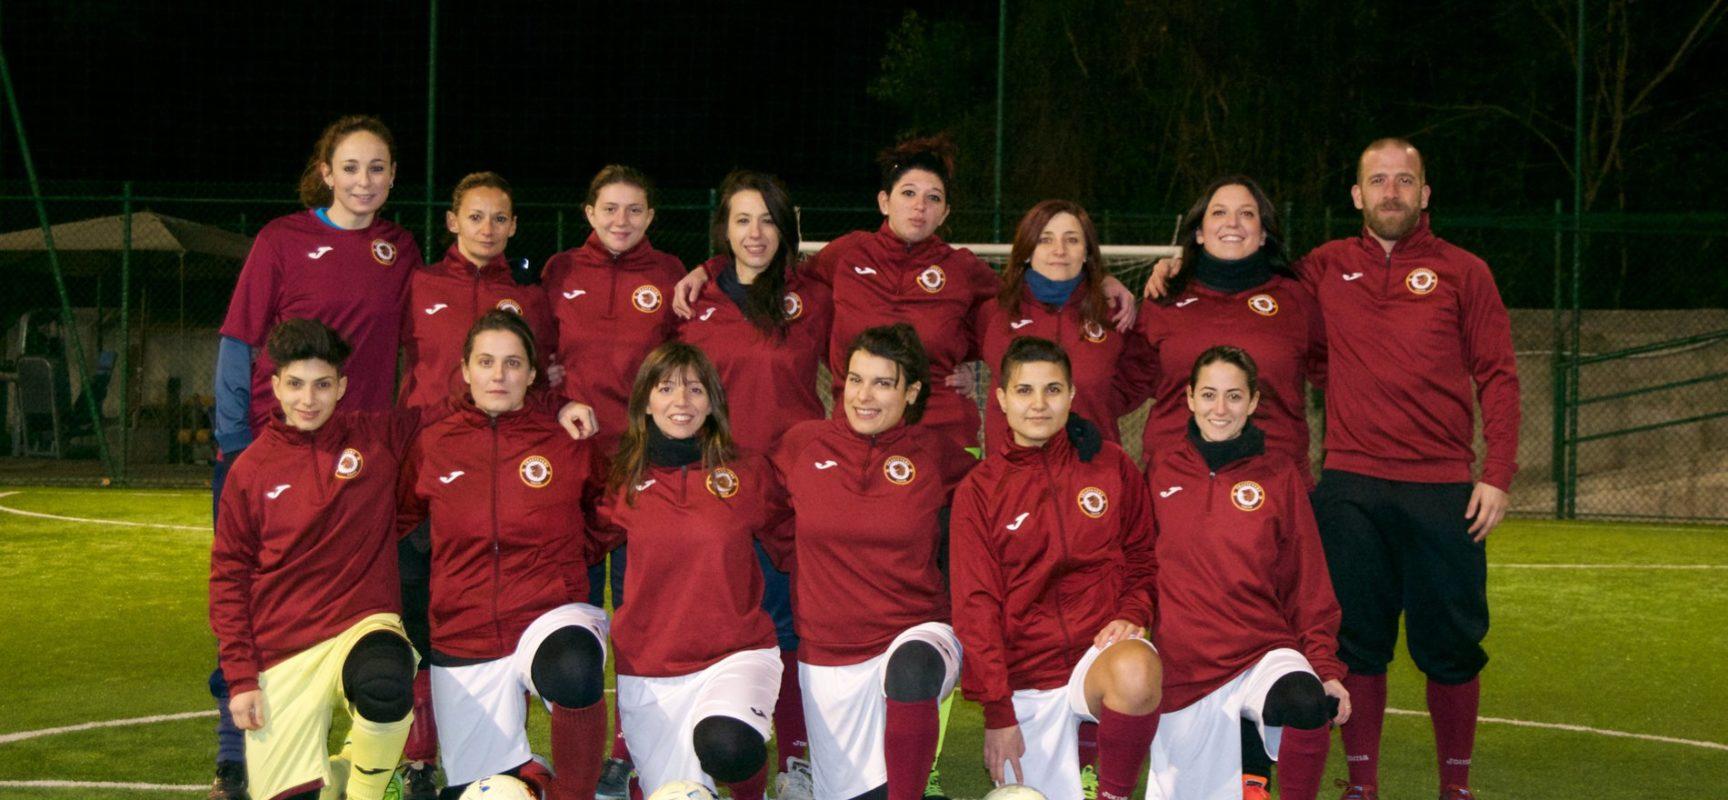 Trastevere, il calcio femminile sarà protagonista: dalla Serie A nel '71 ai giorni nostri in D